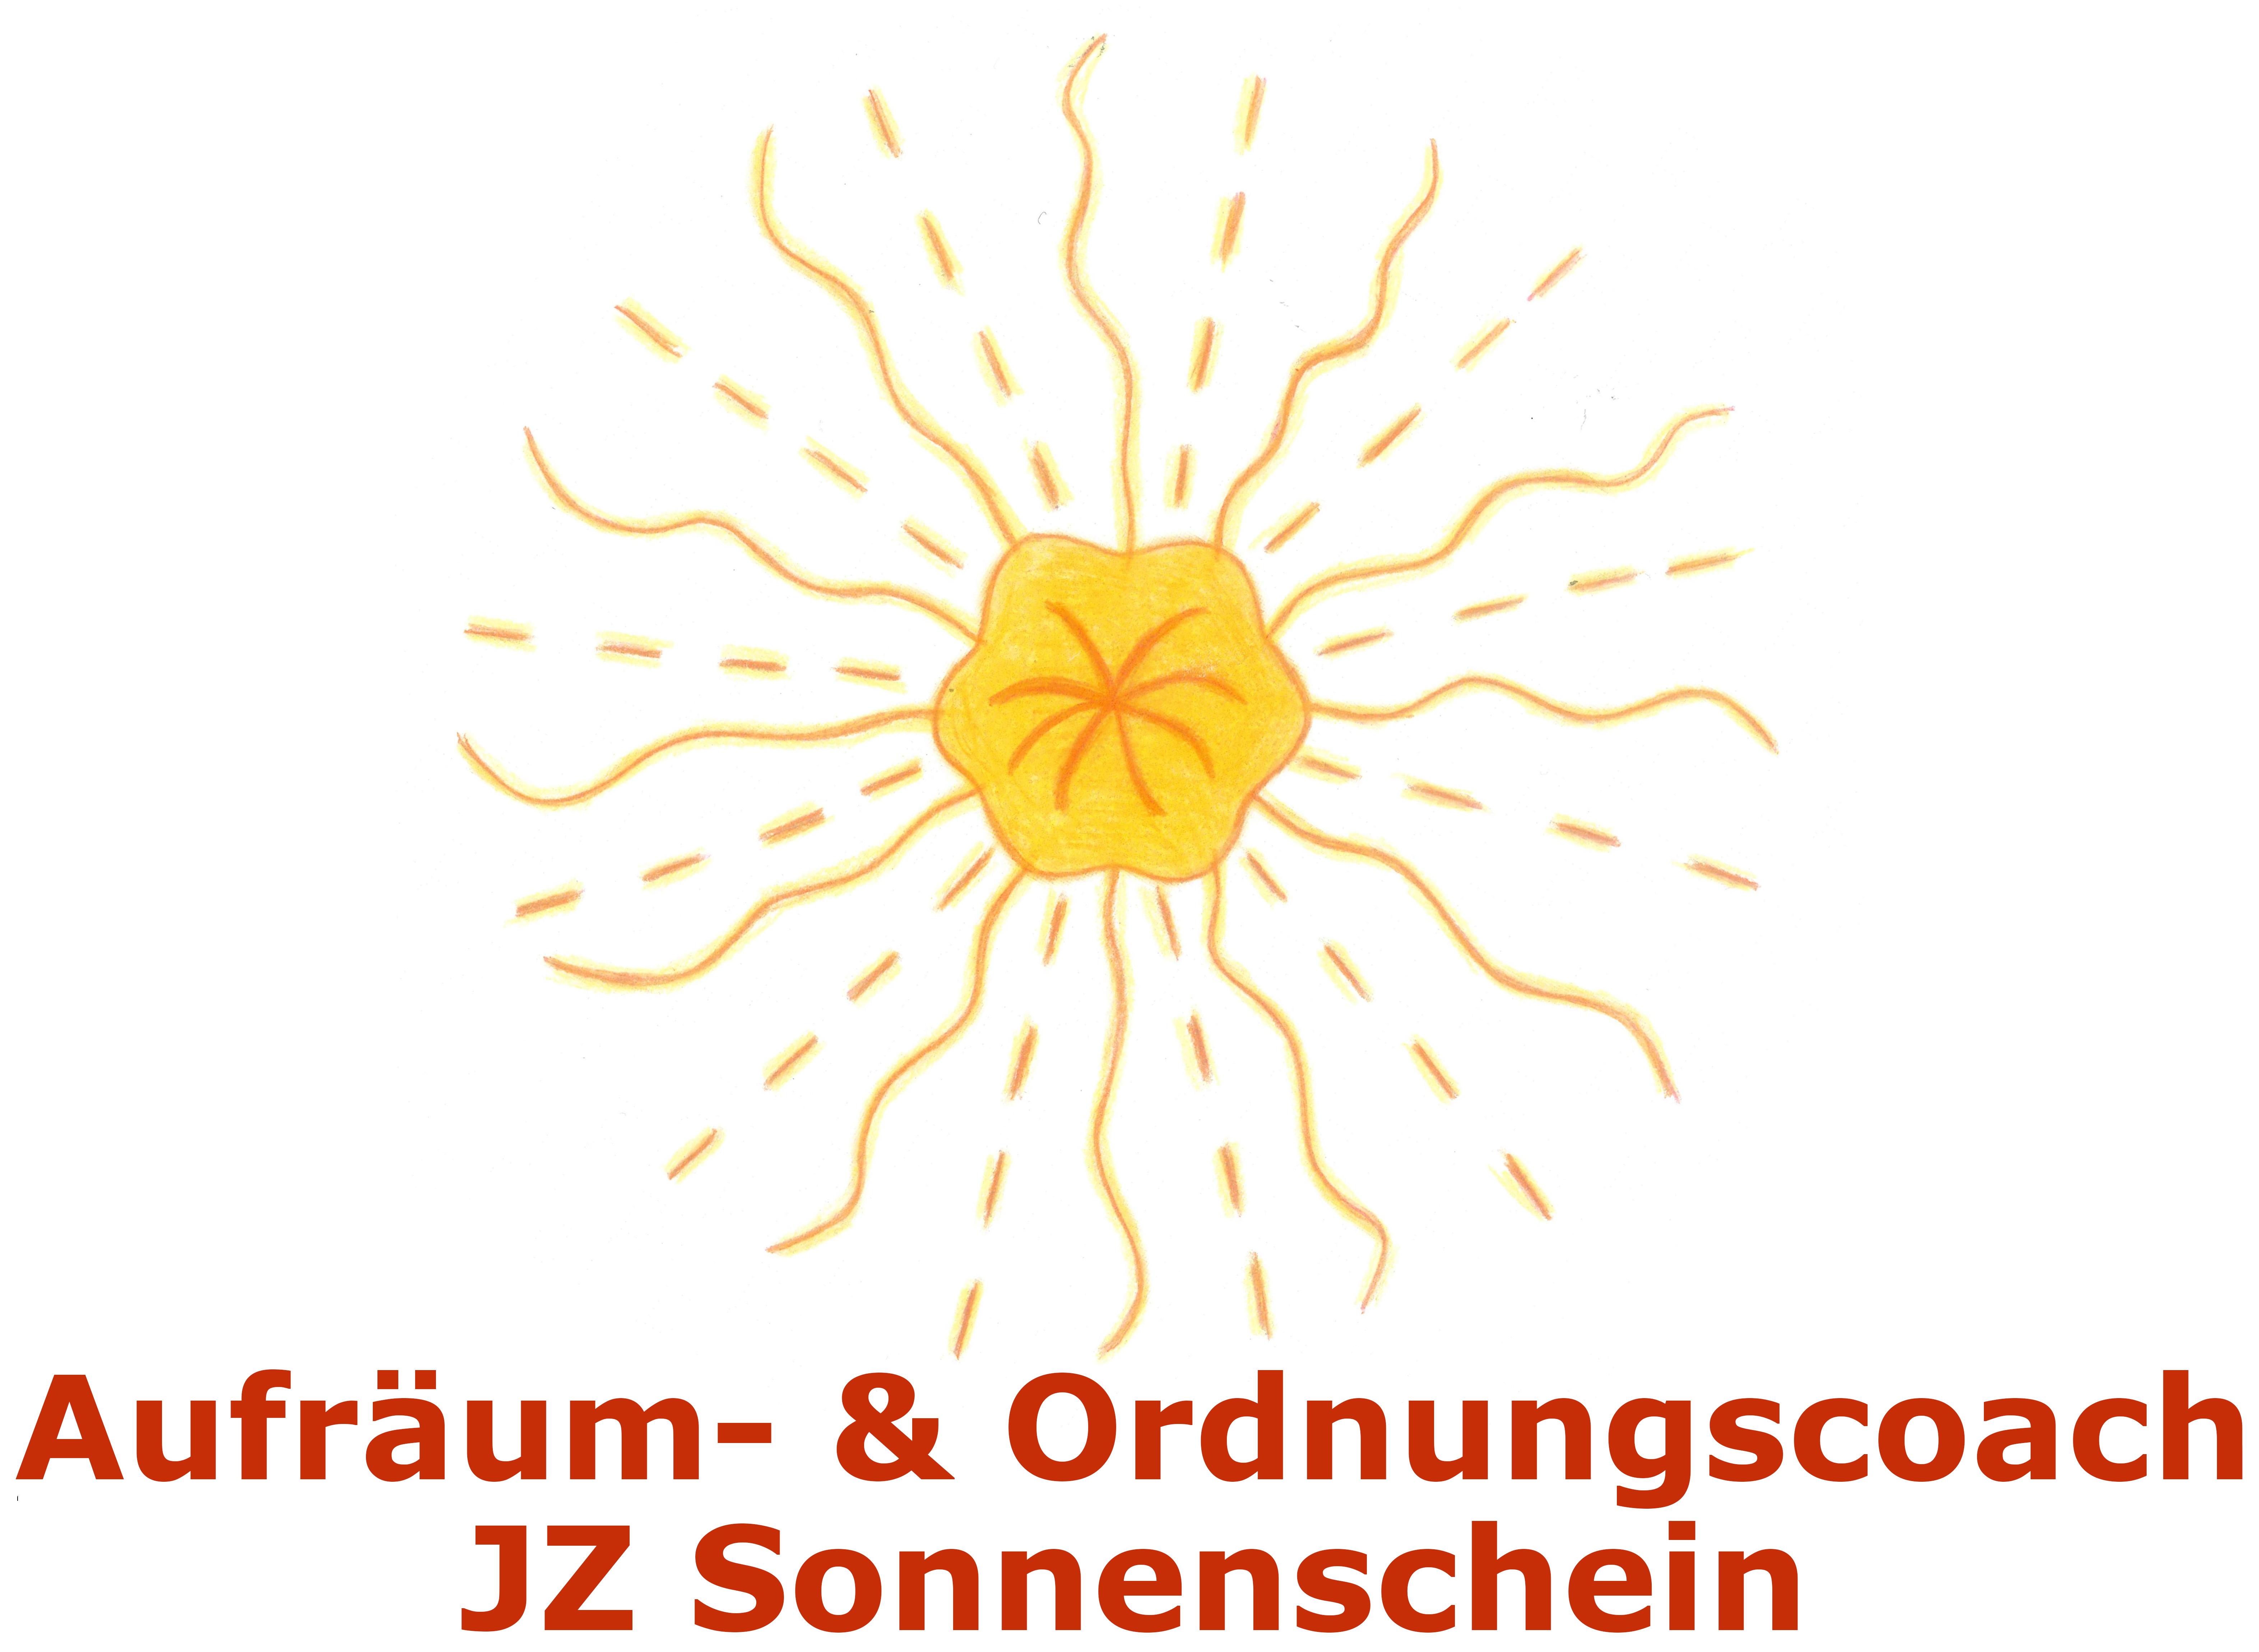 JZ Sonnenschein